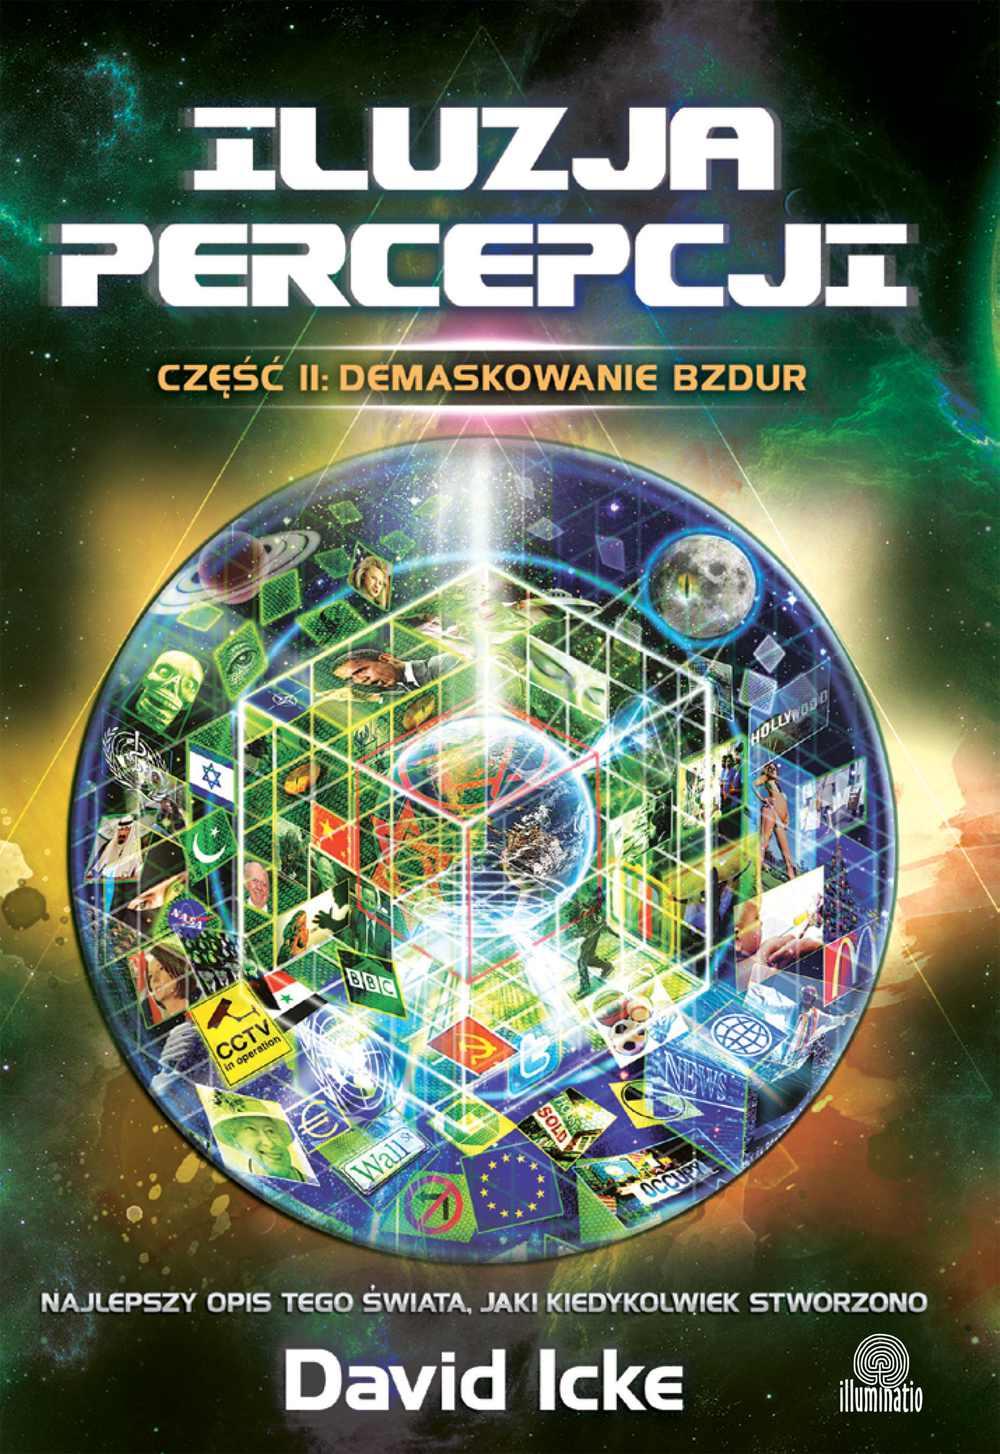 Iluzja percepcji. Część II. Demaskowanie bzdur - Ebook (Książka EPUB) do pobrania w formacie EPUB